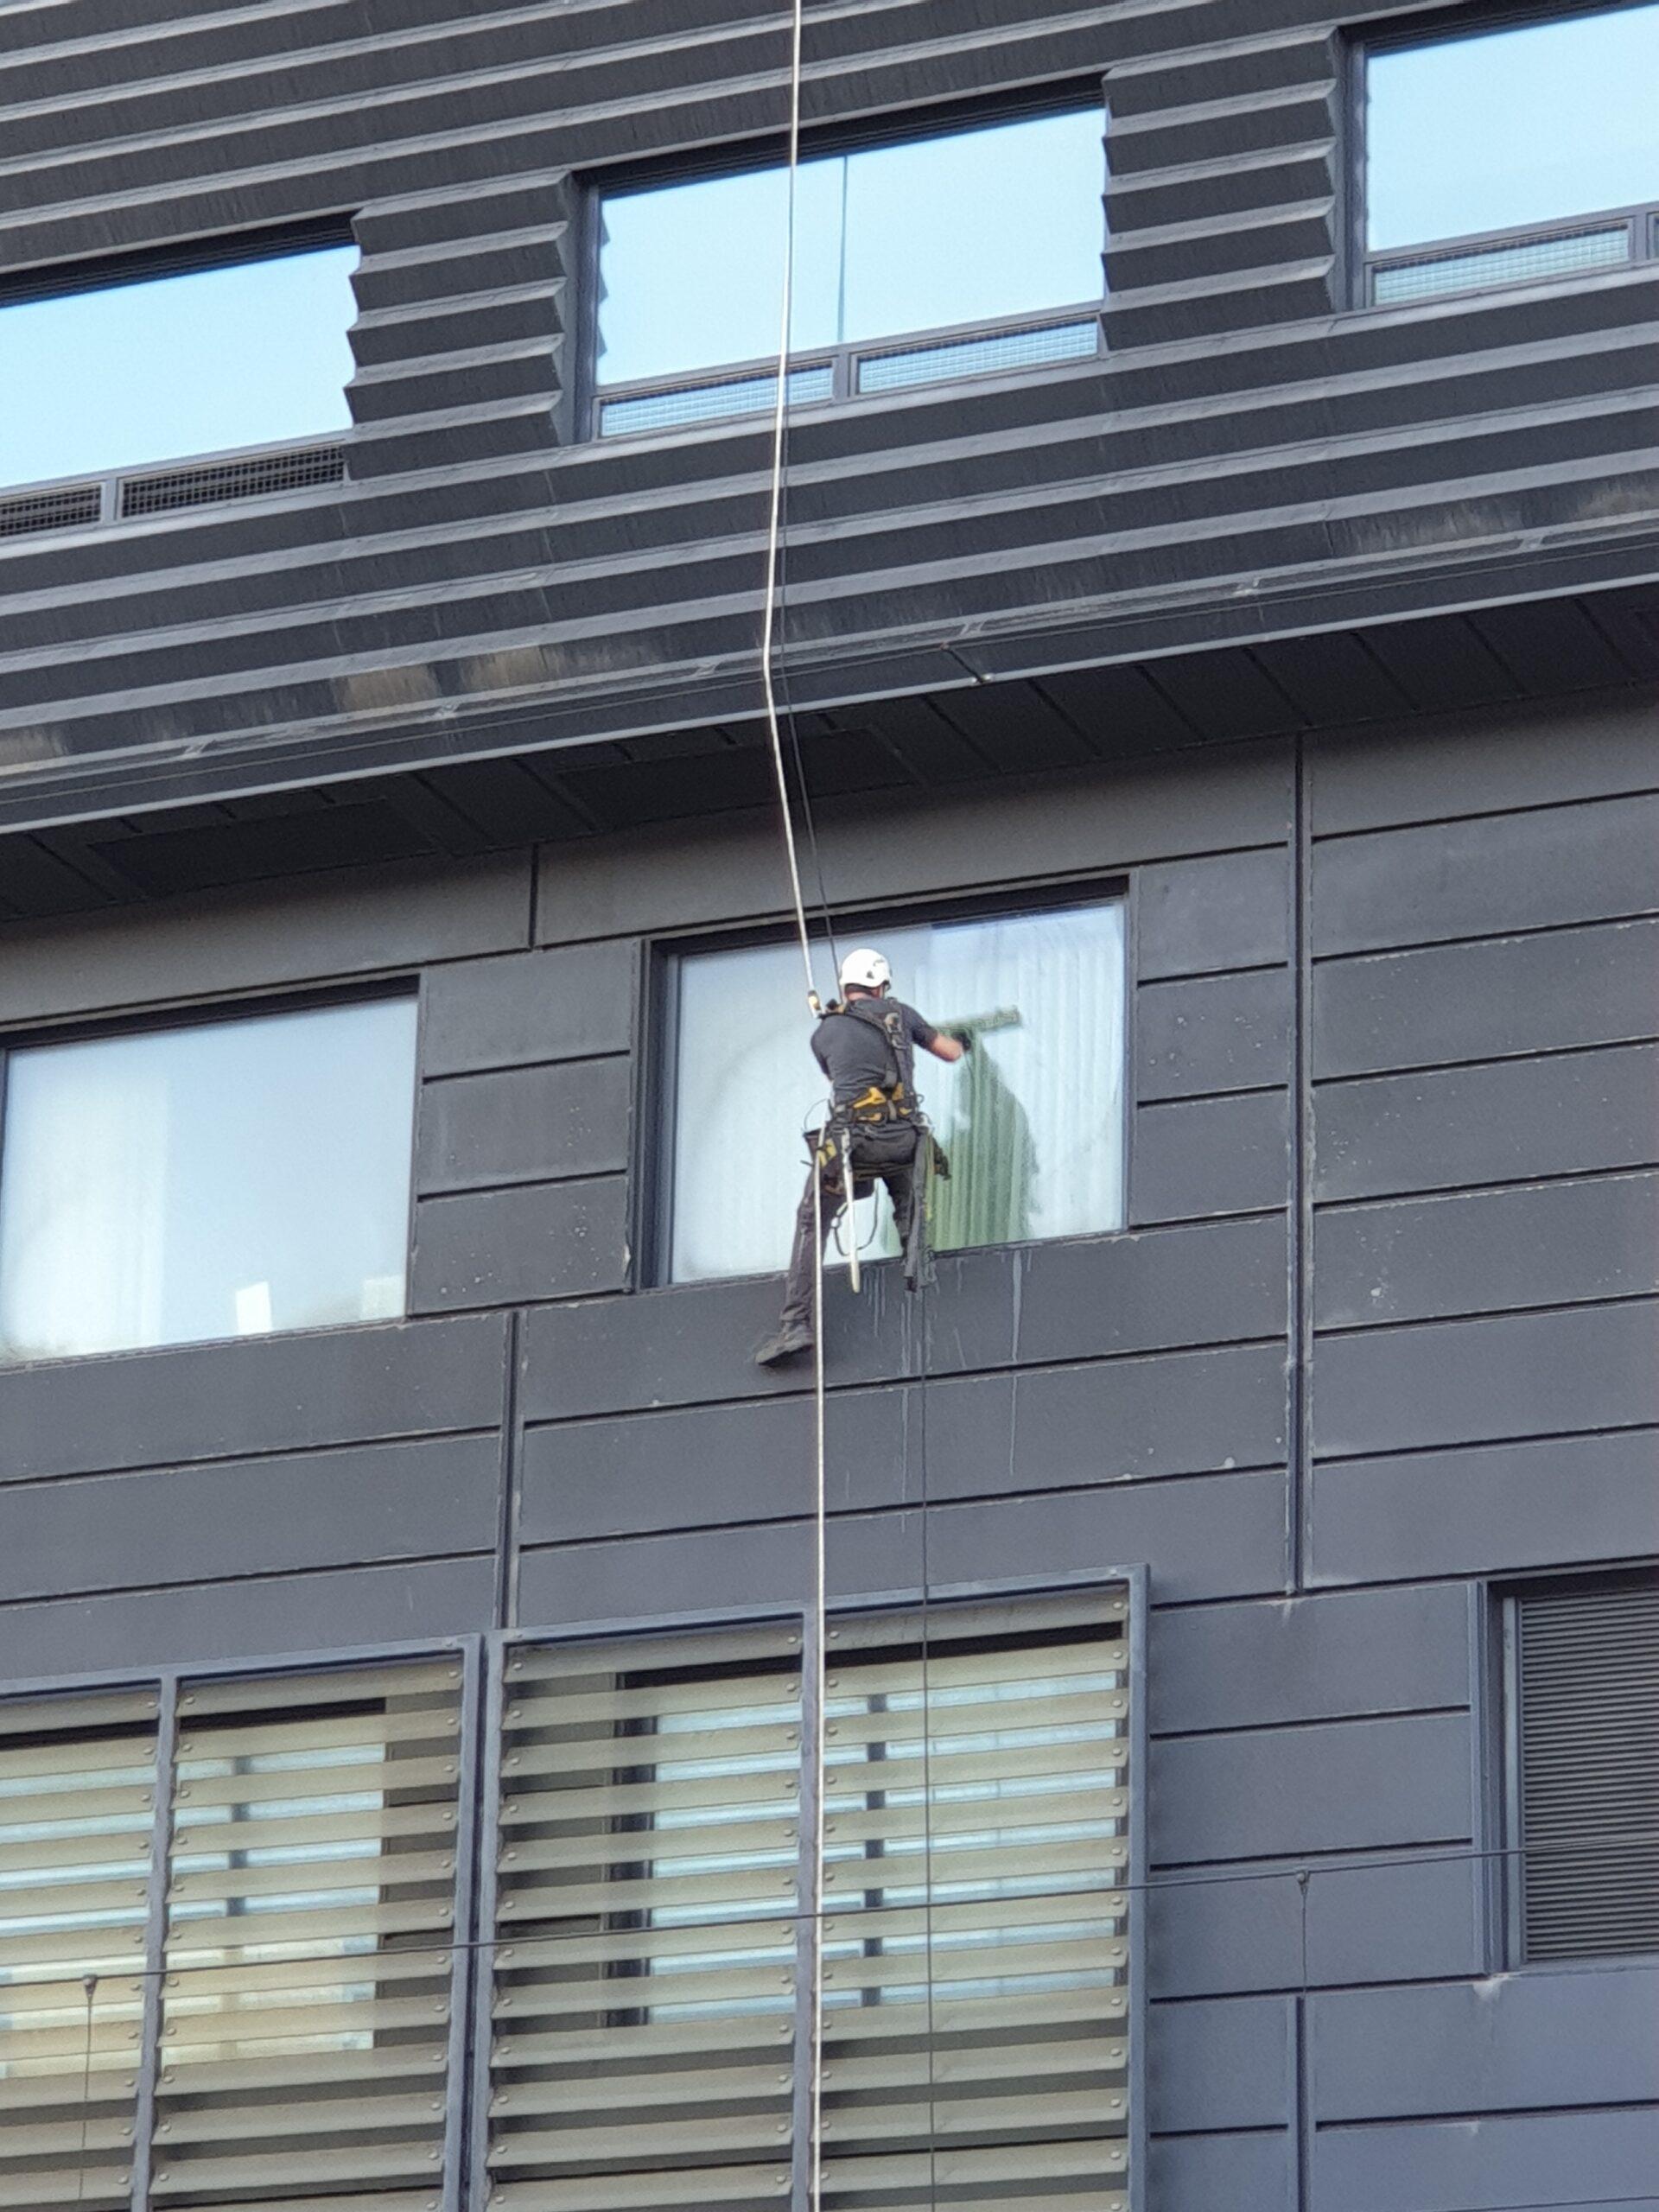 Ruiten bewassing / ramen wassen - Rope Access - op hoogte - High Work Solutions